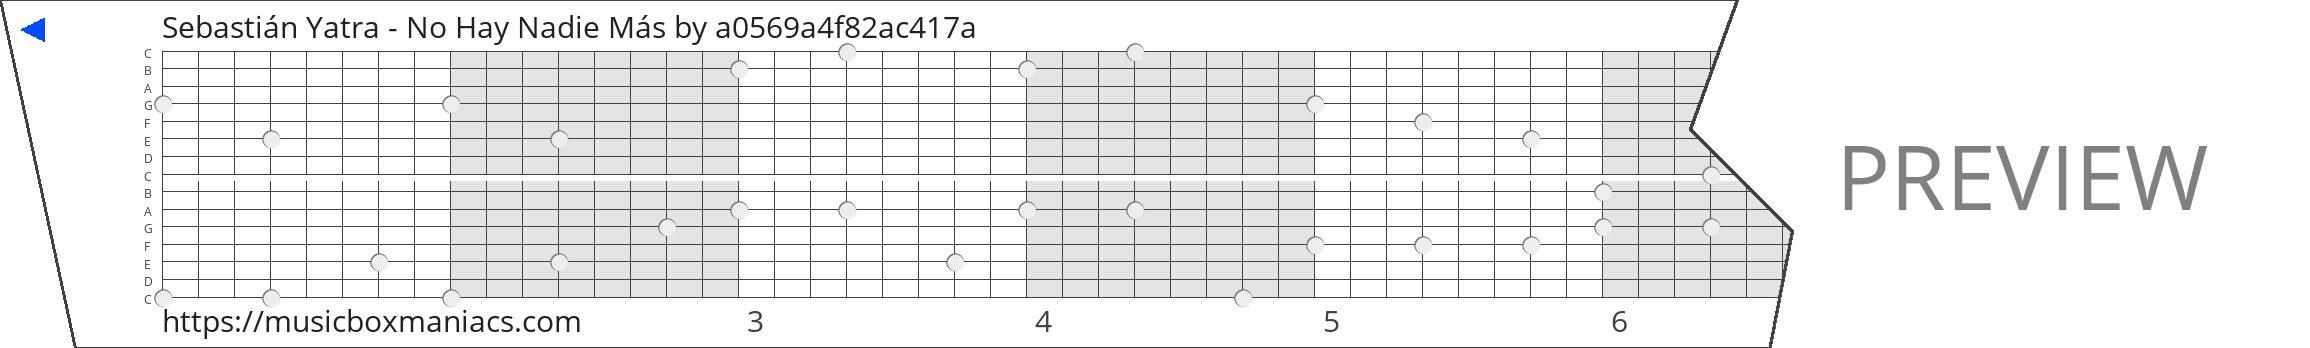 Sebastián Yatra - No Hay Nadie Más 15 note music box paper strip